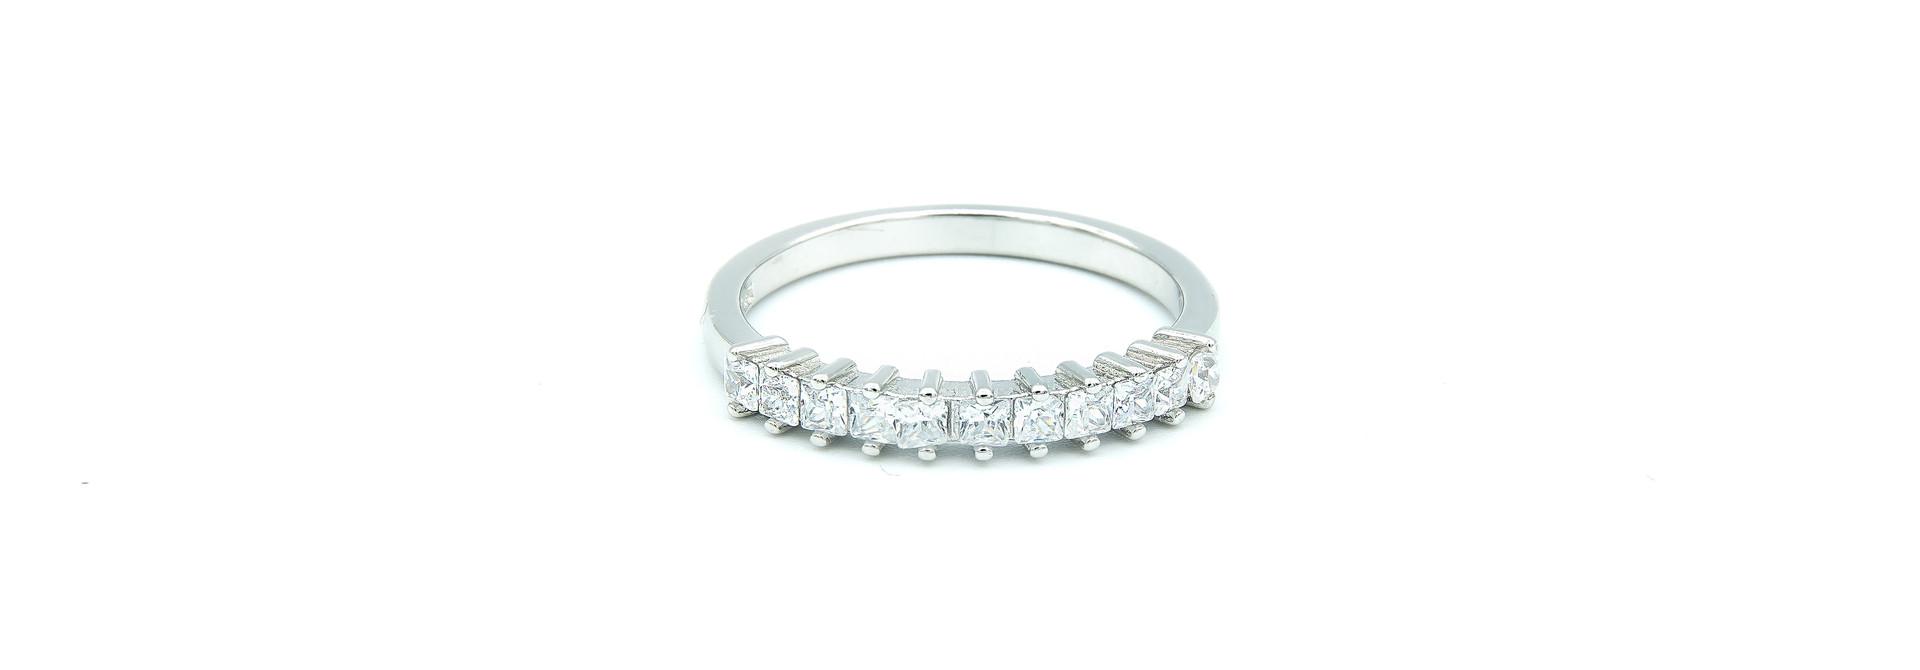 Ring met vierkante zirkonia's op een rijtje zilver